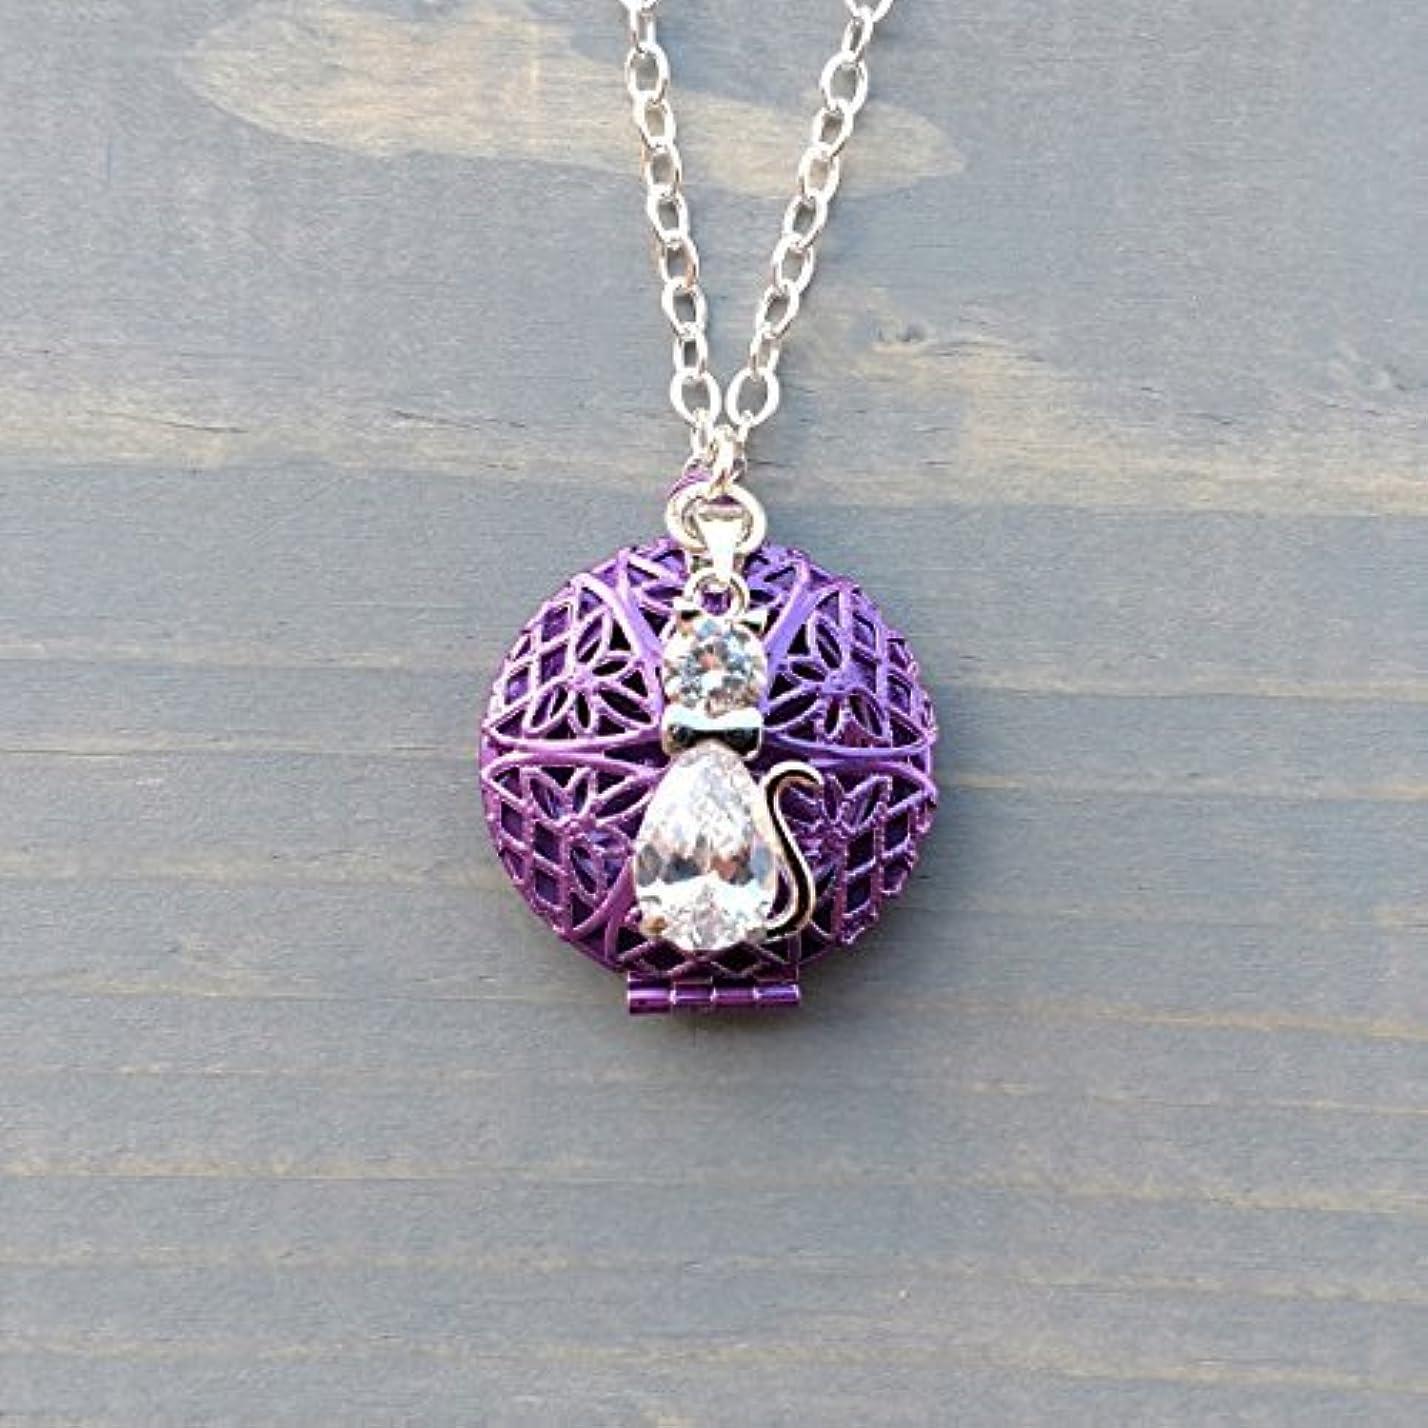 電話電圧主導権Purple Tuxedo Cat Girl's Aromatherapy Necklace Essential Oil Diffuser Locket Pendant Jewelry for Children w/reusable...